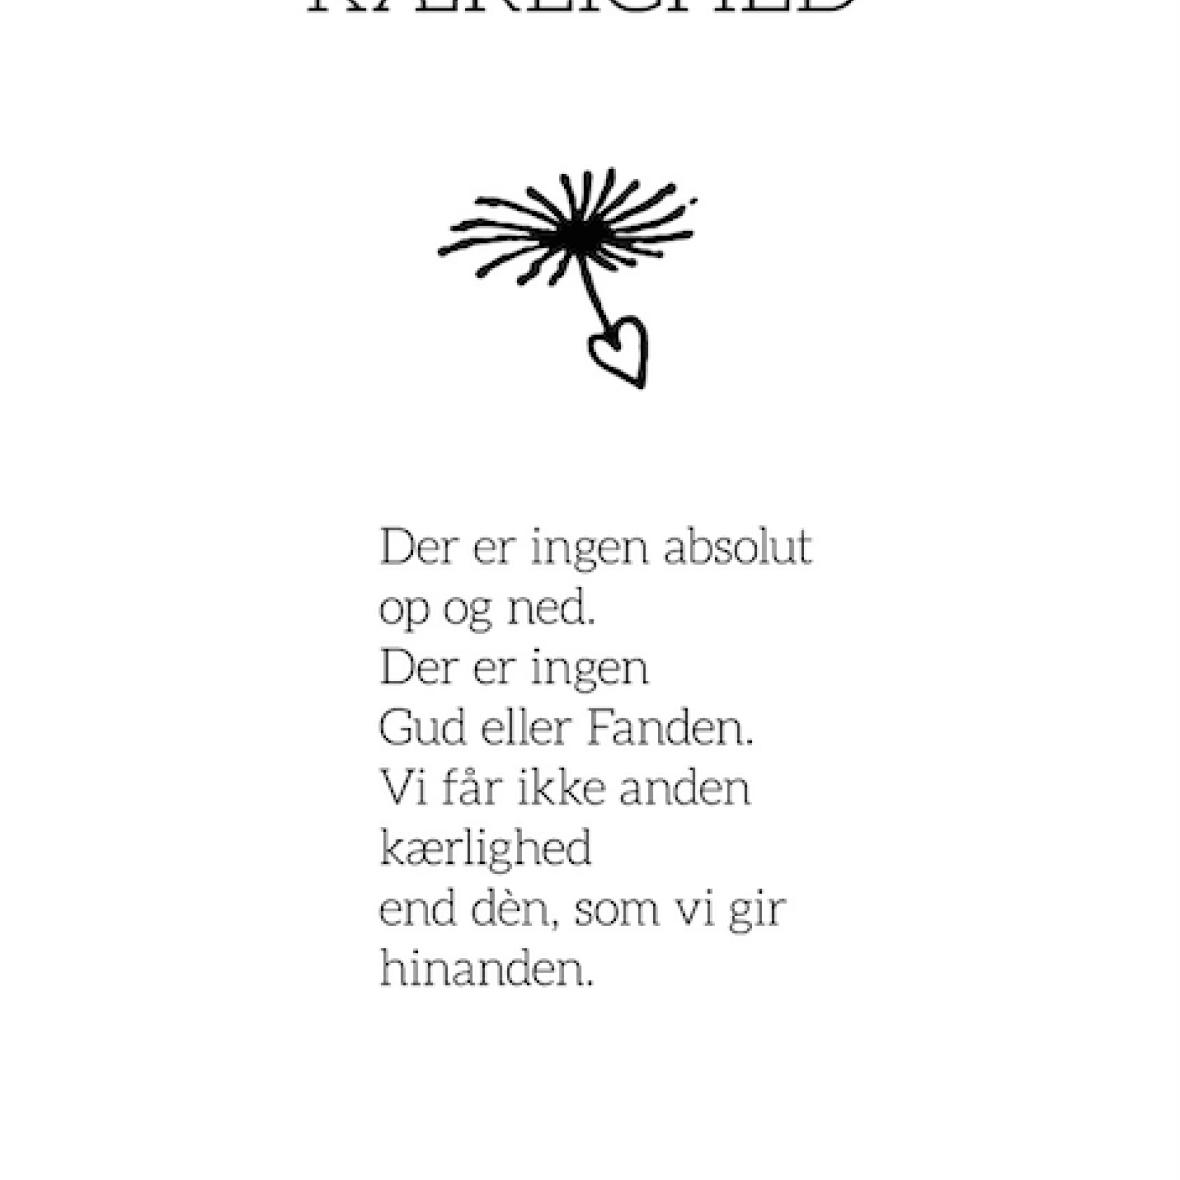 piet hein citater om kærlighed ILLUSTRATIONER / RAMMER   PIET HEIN   GRUK   30X40 KÆRLIGHED piet hein citater om kærlighed